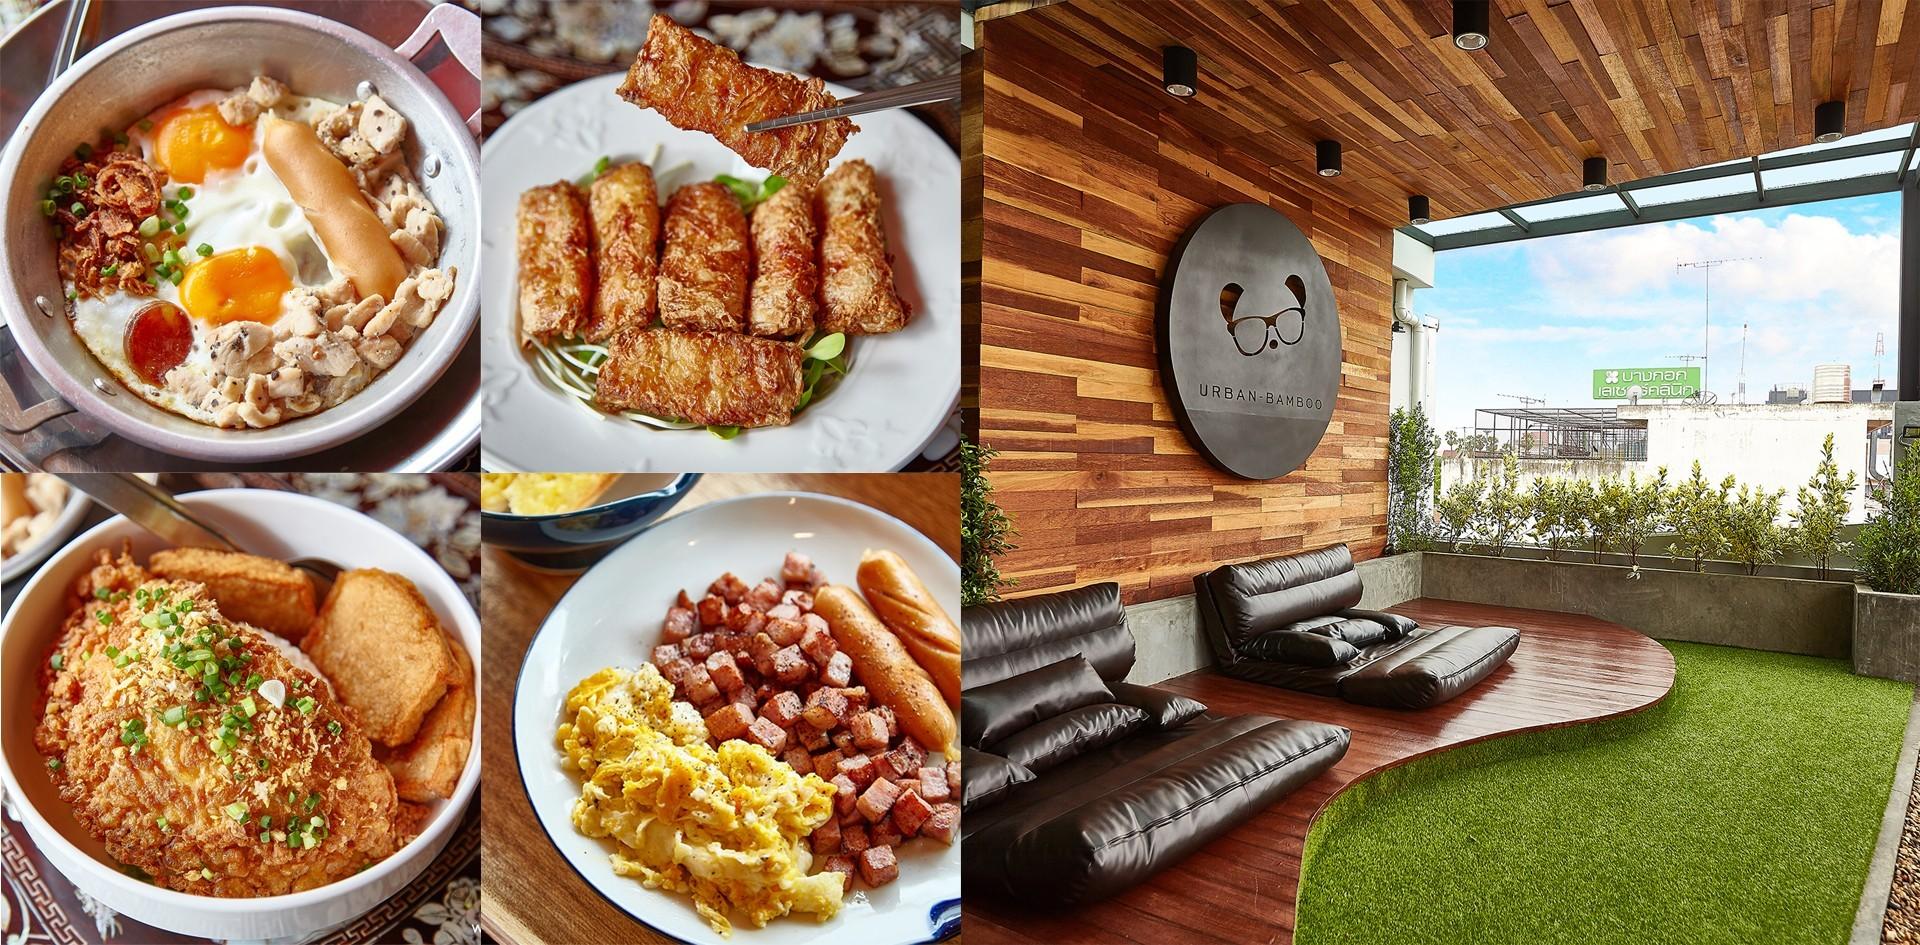 """พักผ่อนหย่อนใจพร้อมฟินไปกับอาหารเช้าจัดเต็มที่ """"URBAN-BAMBOO"""""""